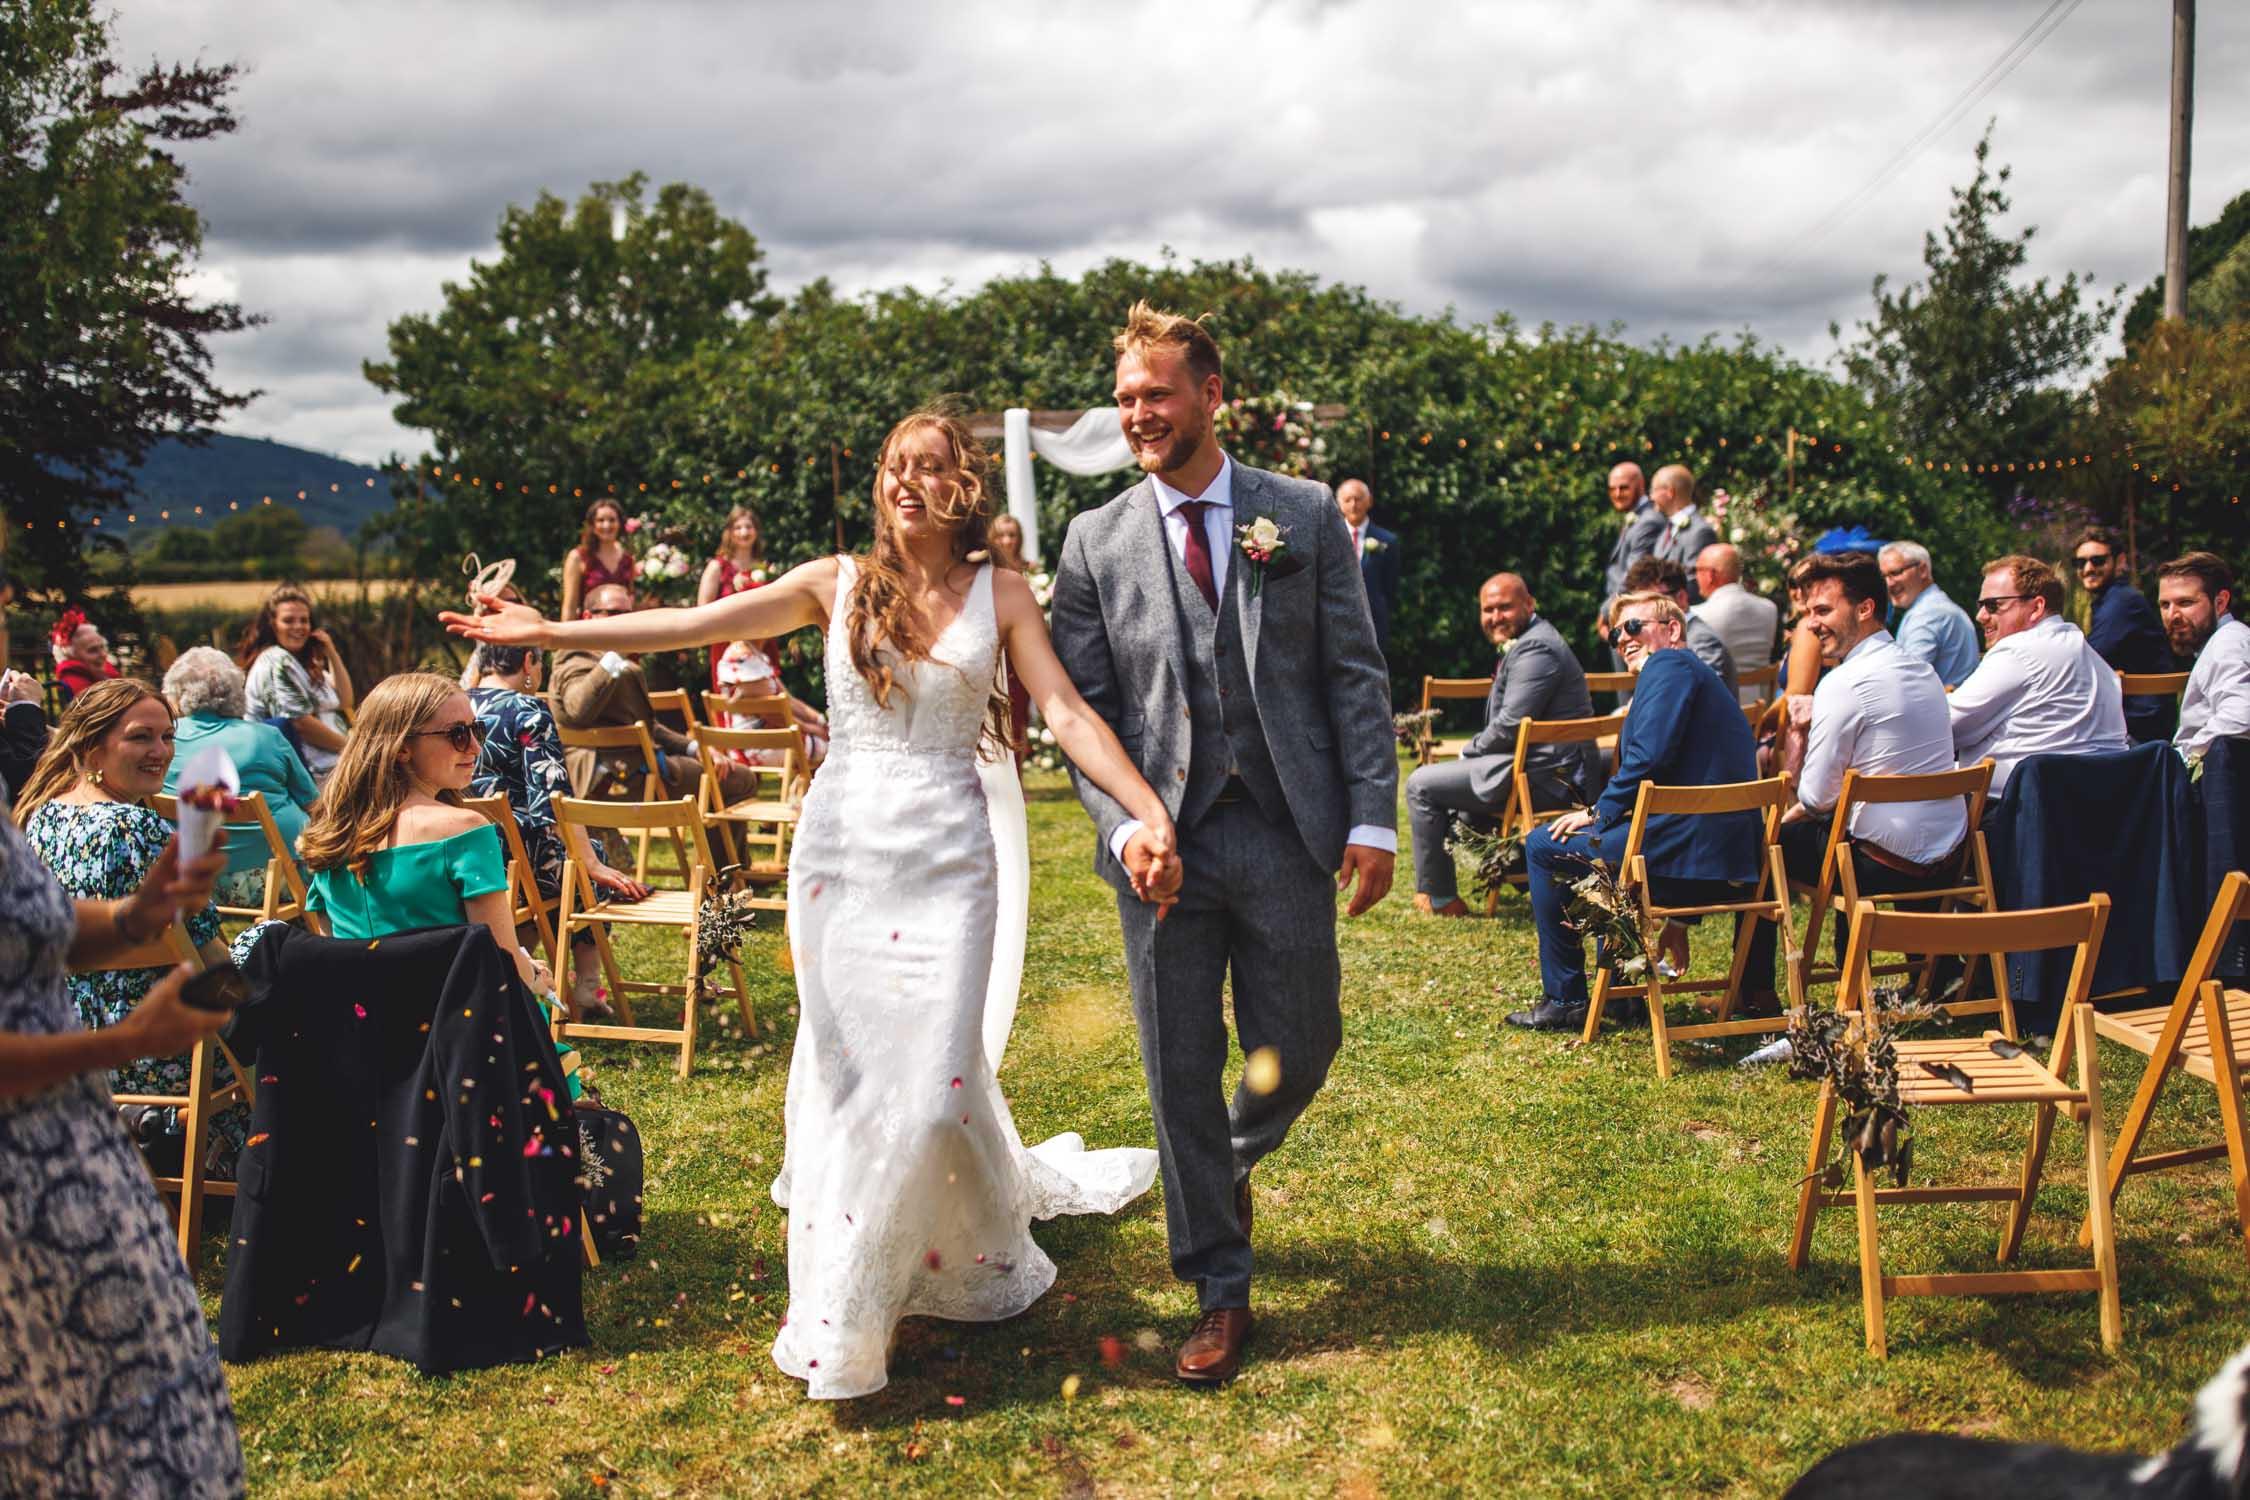 Herefordshire Wedding Photographer, Herefordshire wedding